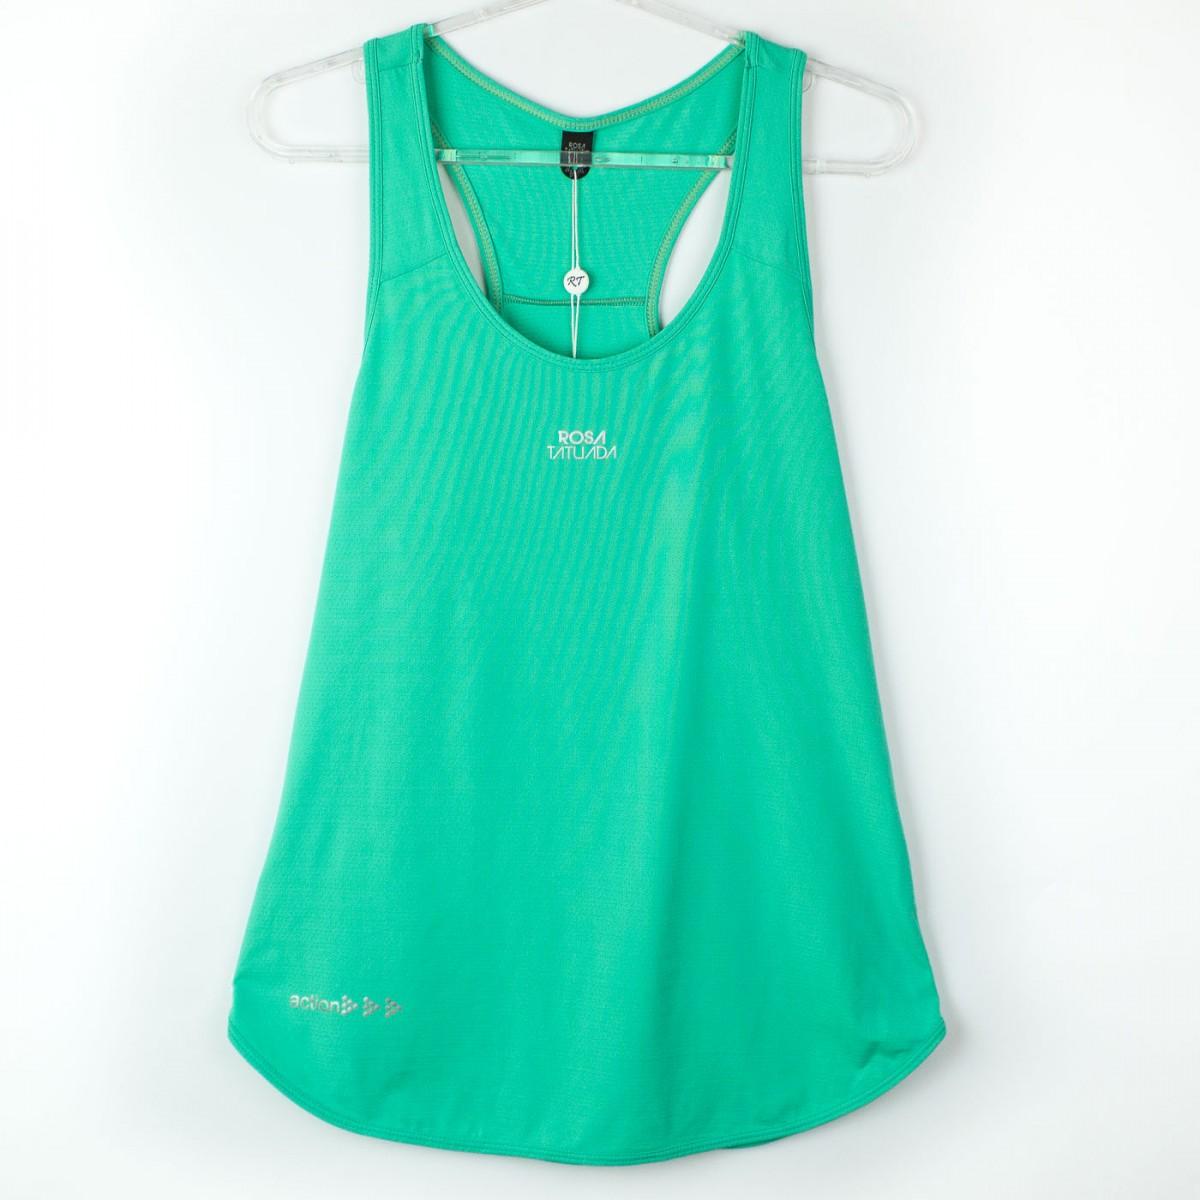 Bizz Store - Regata Feminina Rosa Tatuada New Trip Fitness 3610 7305bff6b69